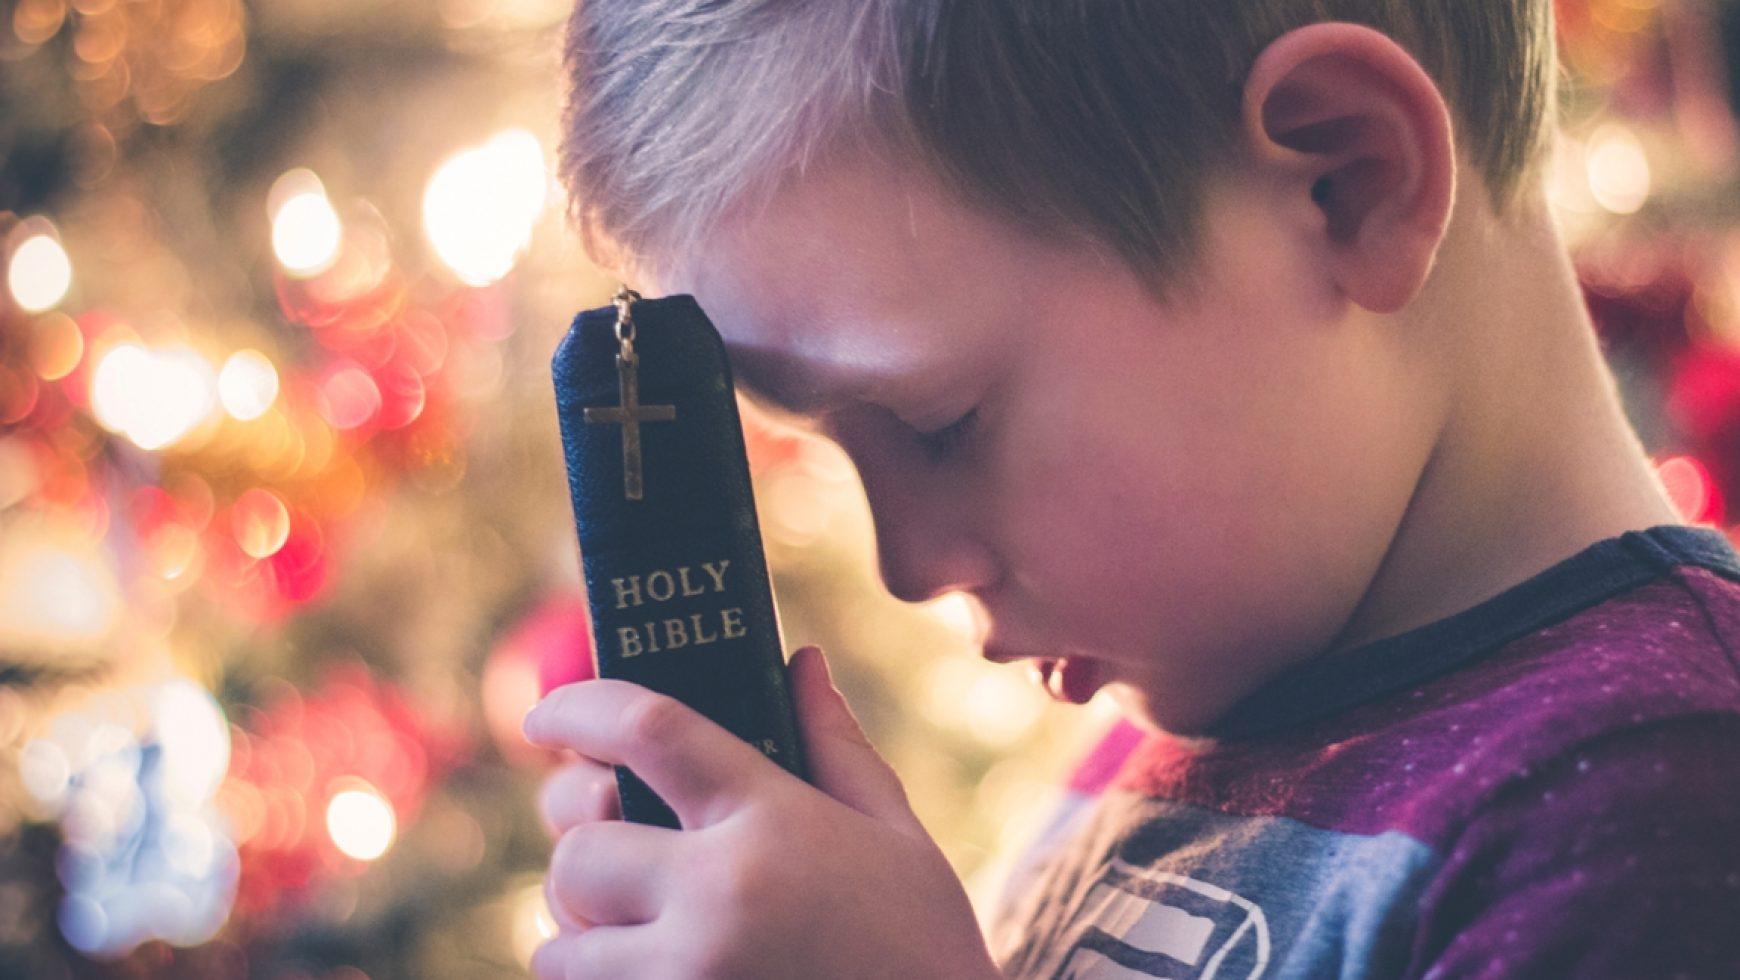 Svētdienas Dievs